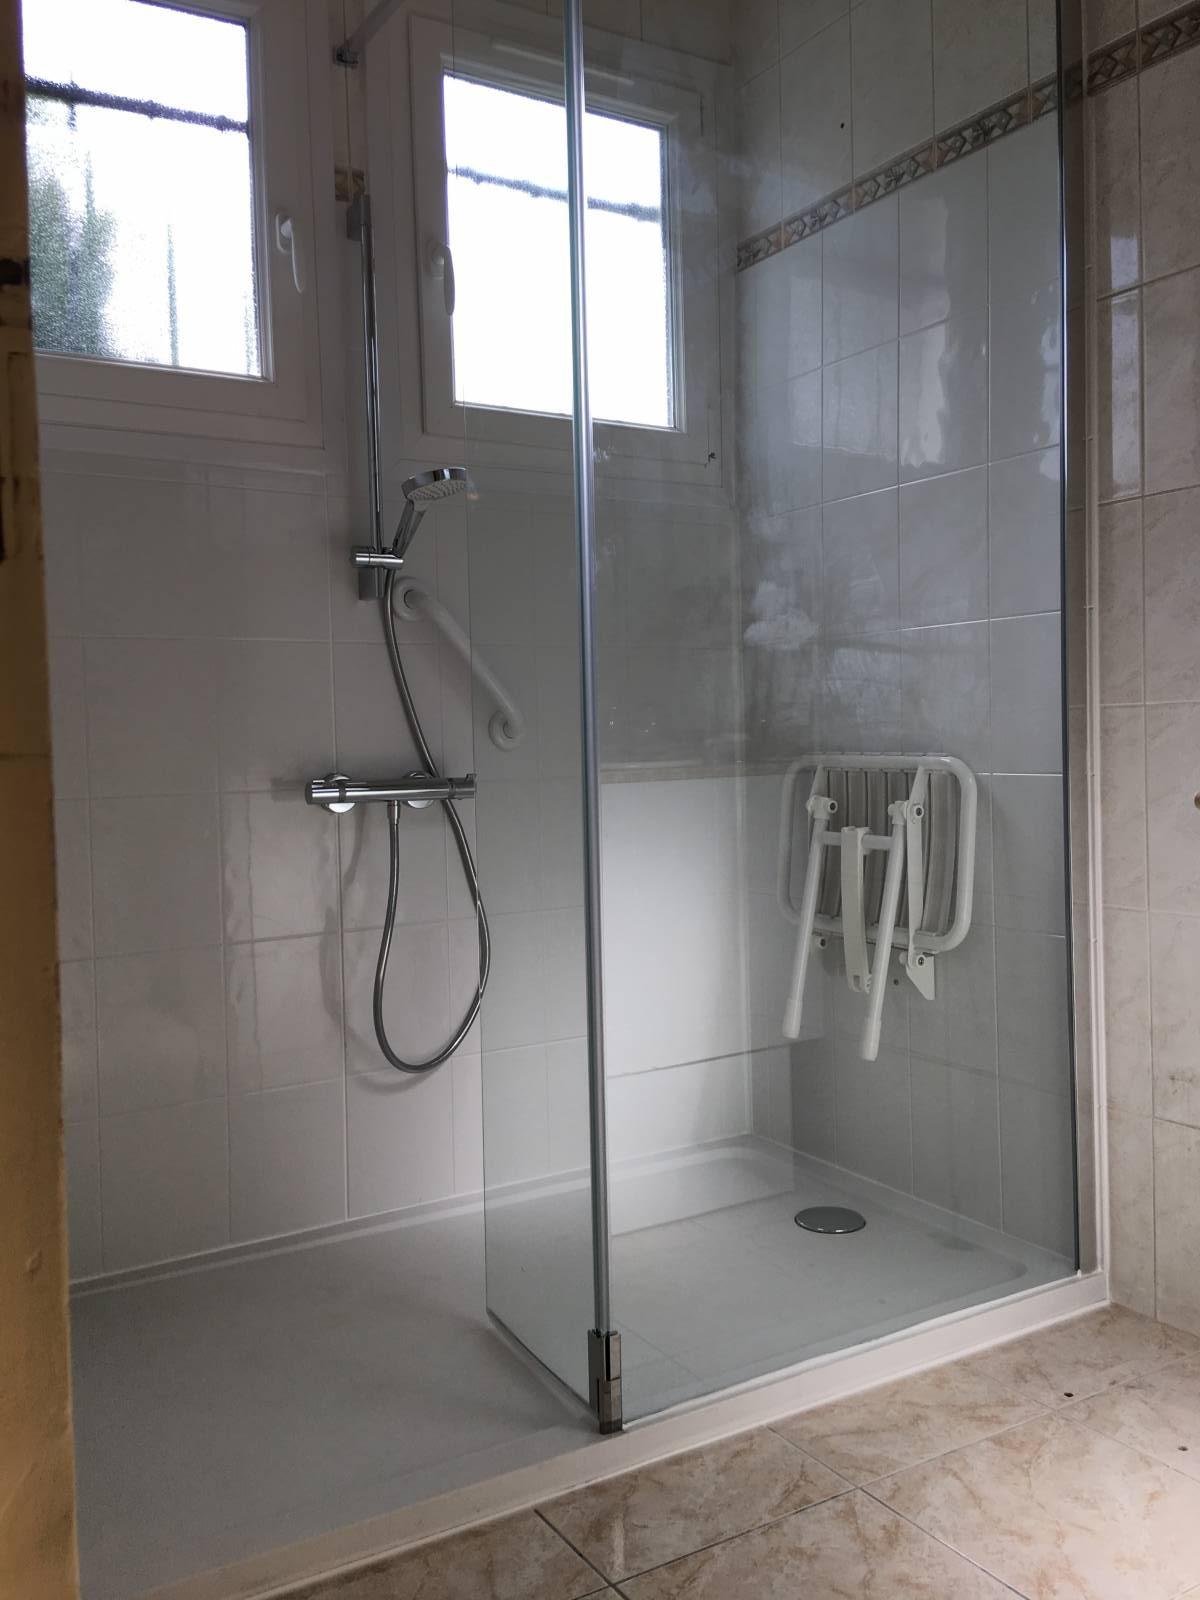 sp cialiste remplacement baignoire par douche senior s curis e rognac et dans tout le. Black Bedroom Furniture Sets. Home Design Ideas